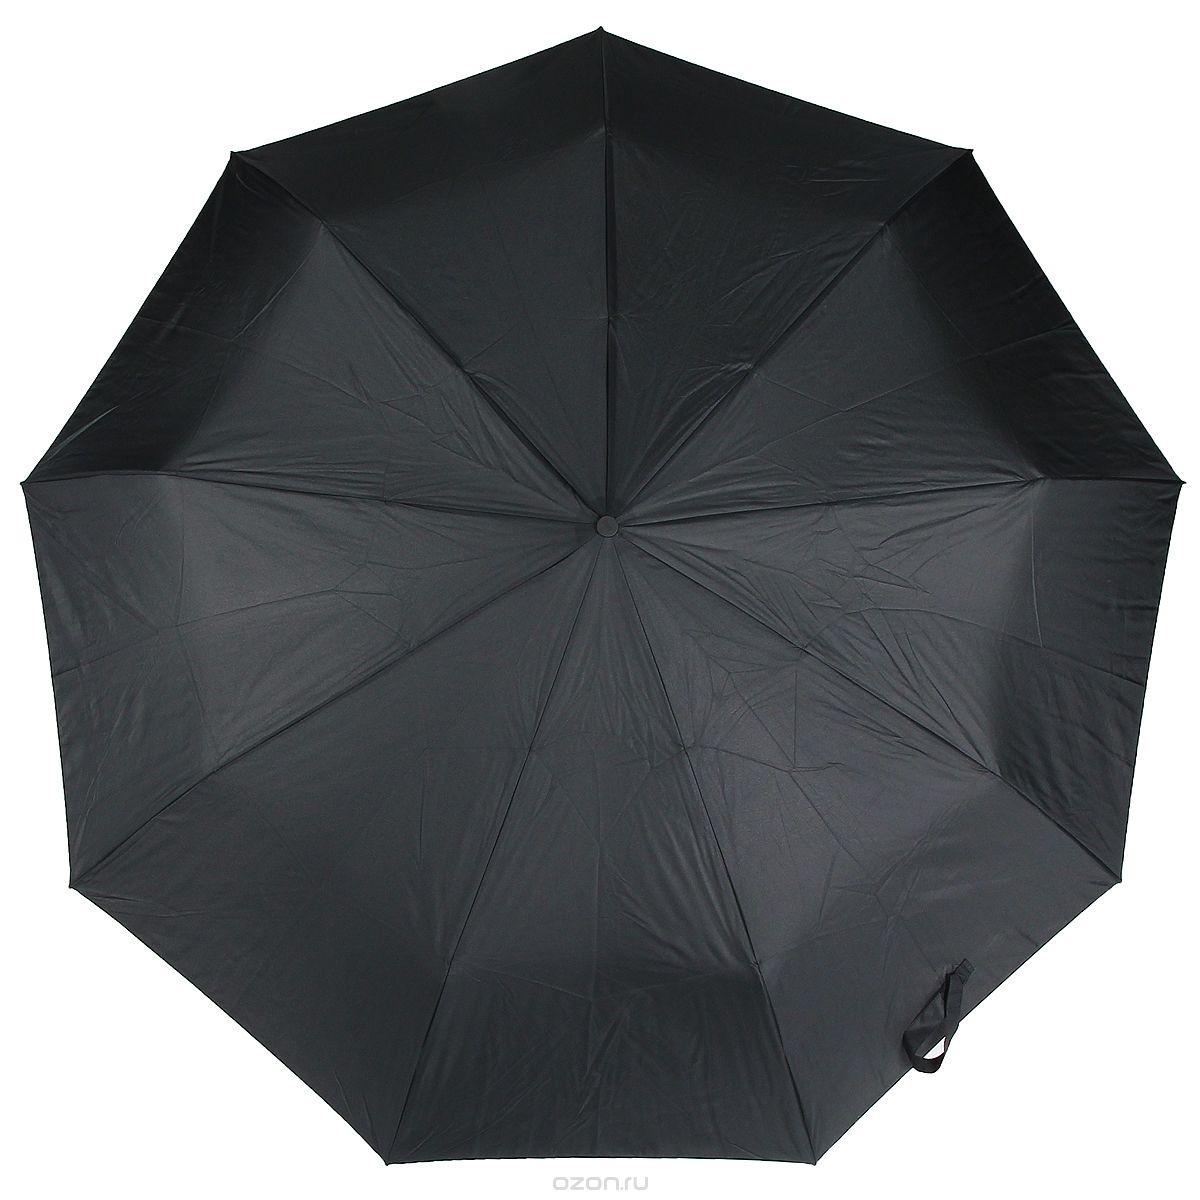 Зонт мужской Zest, автомат, 3 сложения, цвет: черный. 1395013950Мужской автоматический зонт Zest даже в ненастную погоду позволит вам оставаться стильным. Каркас зонта состоит из 8 спиц и прочного стержня из металла черного цвета. Специальная система Windproof защищает его от поломок во время сильных порывов ветра. Купол зонта черного цвета выполнен из прочного полиэстера с водоотталкивающей пропиткой. Используемые высококачественные красители, а также покрытие Teflon обеспечивают длительное сохранение свойств ткани купола. Рукоятка, разработанная с учетом требований эргономики, выполнена из пластика серебристого цвета с прорезиненной вставкой. Зонт имеет полный автоматический механизм сложения: купол открывается и закрывается нажатием на кнопку, что очень удобно при входе в транспорт или помещение. К зонту прилагается чехол. Такой зонт не только надежно защитит вас от дождя, но и станет стильным аксессуаром.